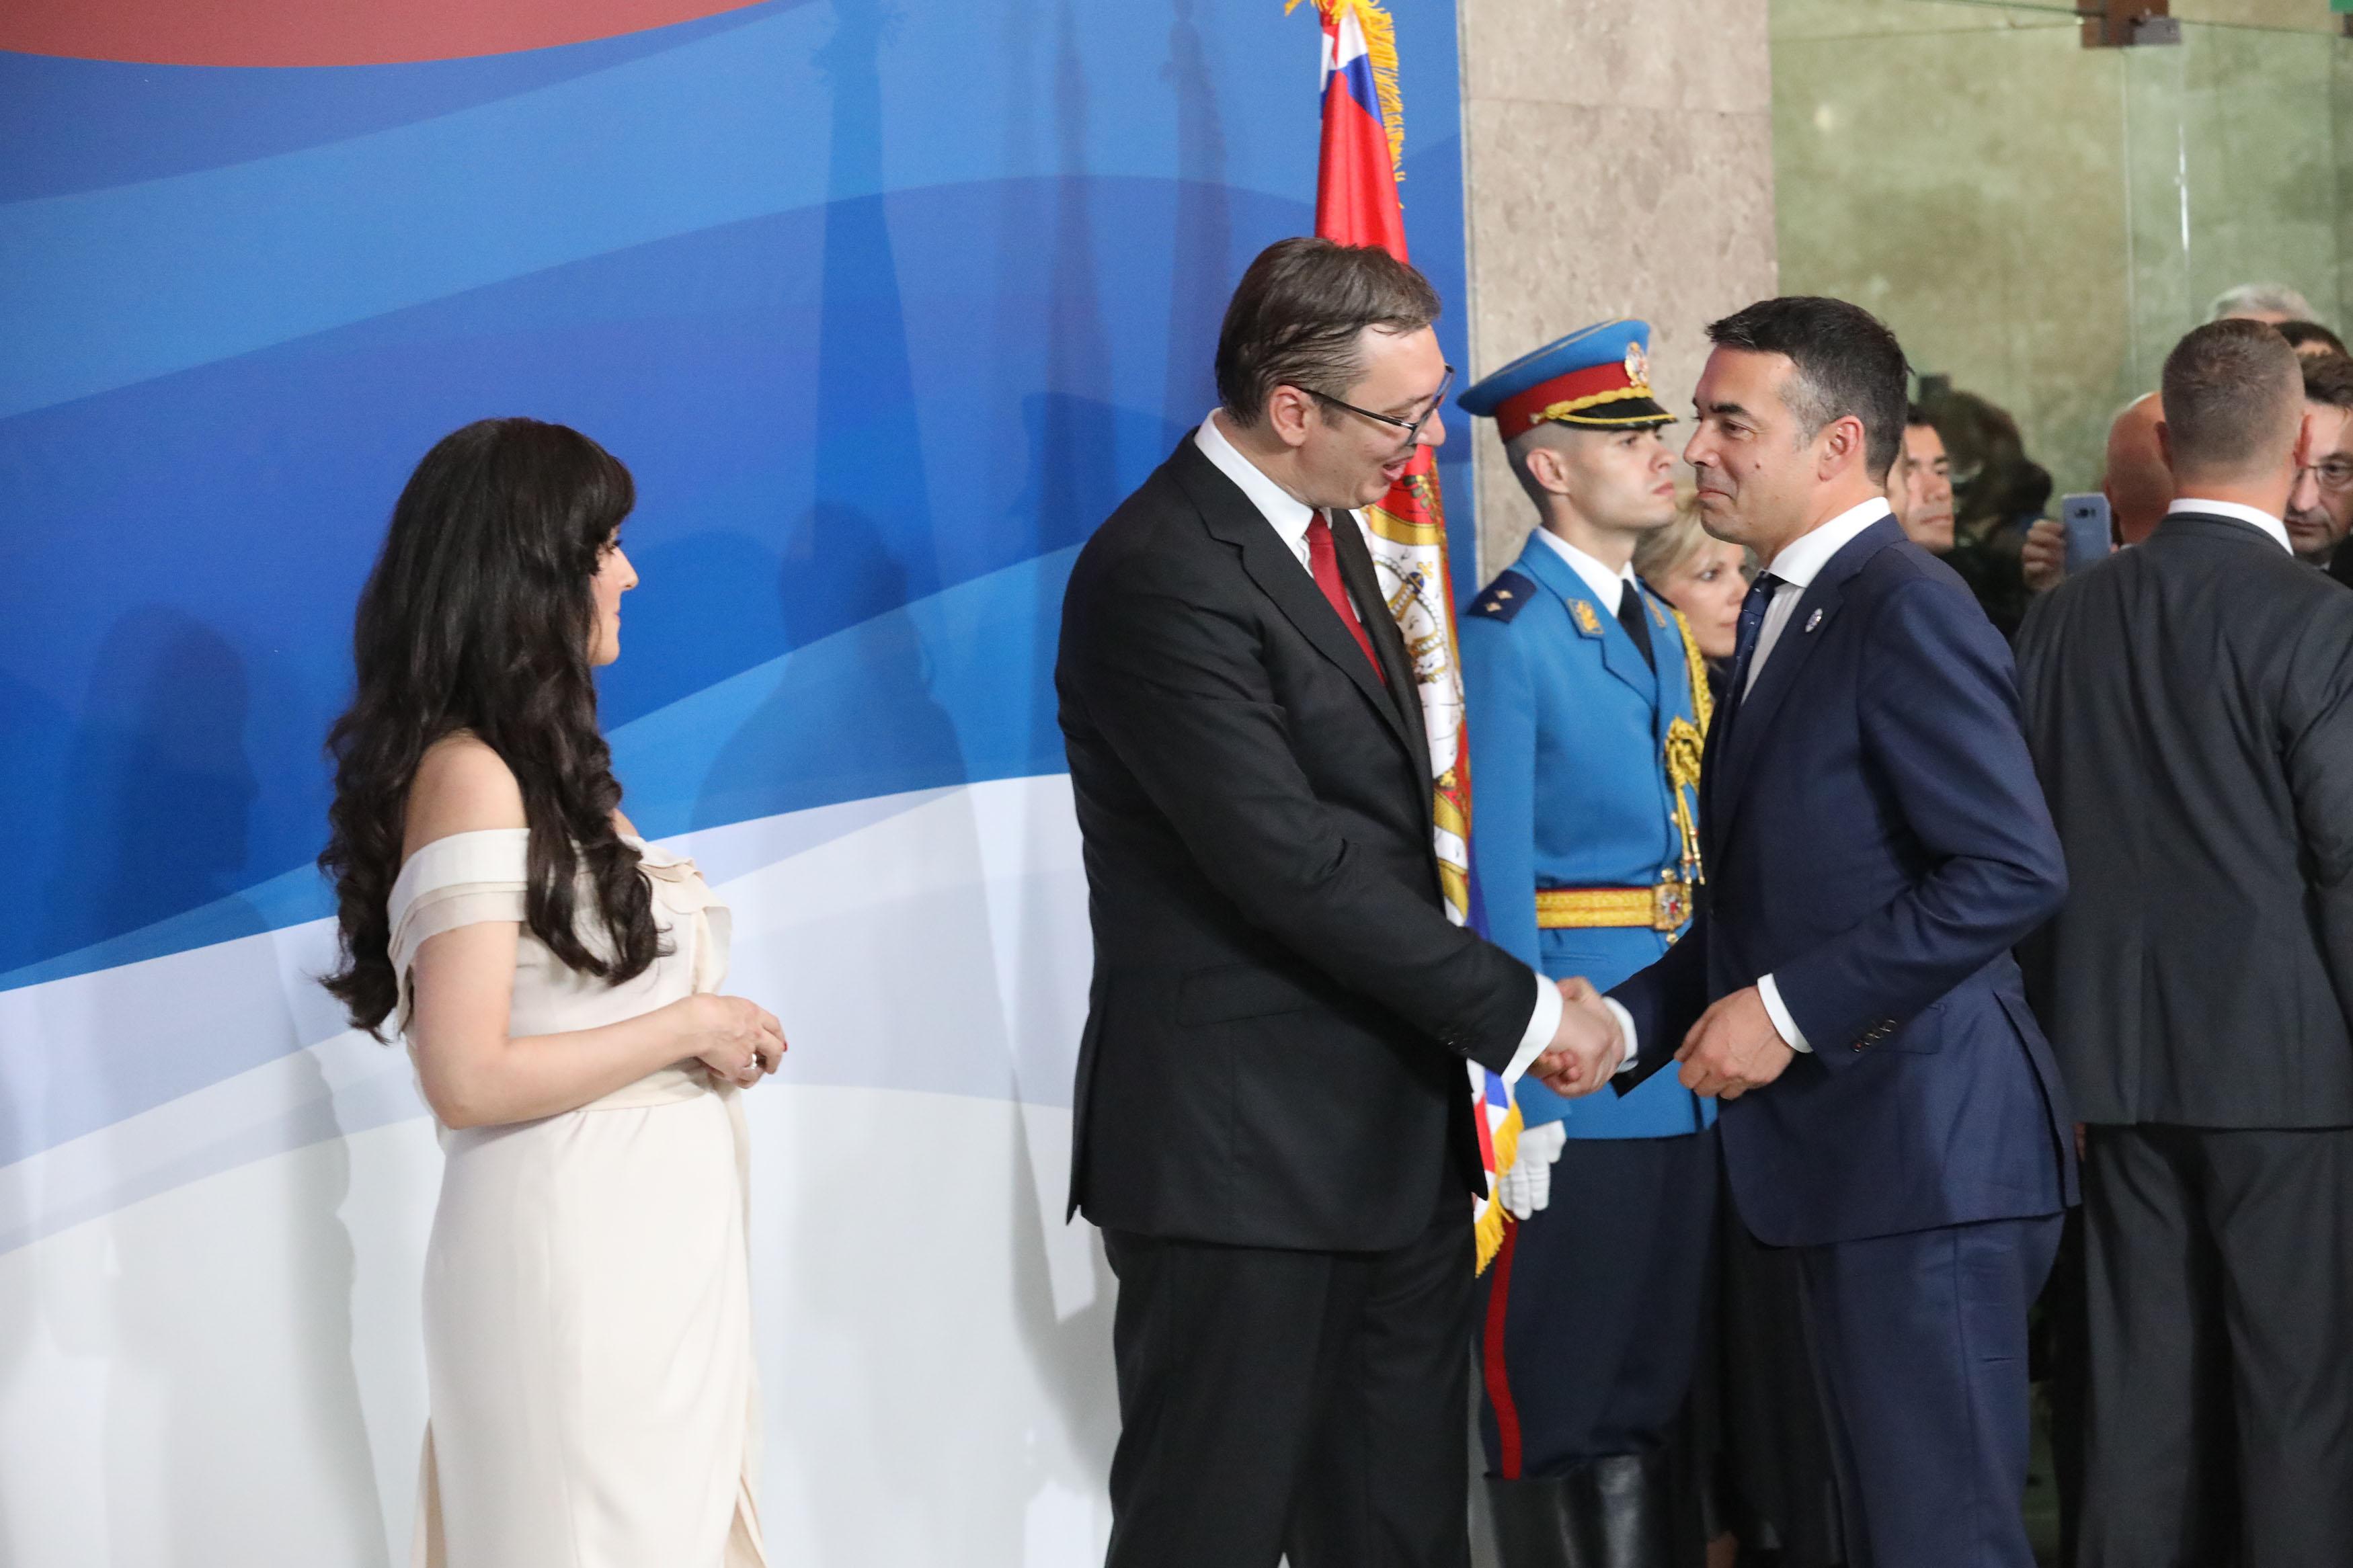 ВУЧИЌ РЕЧЕ ДЕКА ИМАЛО АКТИВНОСТИ ПРОТИВ СРБИЈА ВО МАКЕДОНИЈА, ЗАТОА СЕ ПОВЛЕЧЕНИ ДИПЛОМАТИТЕ